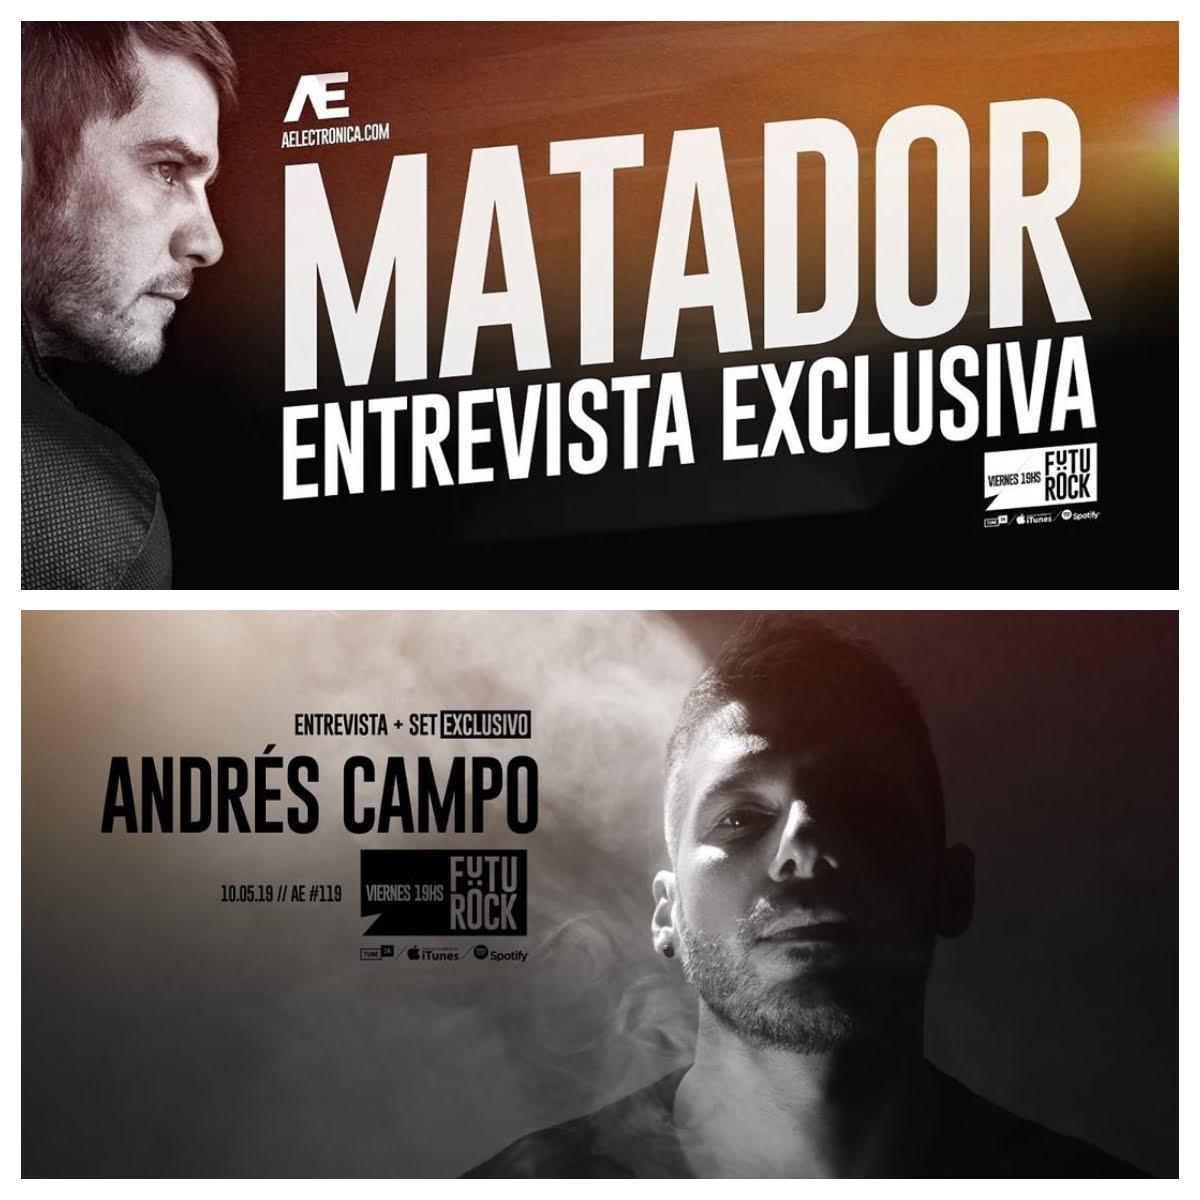 MATADOR & ANDRÉS CAMPO